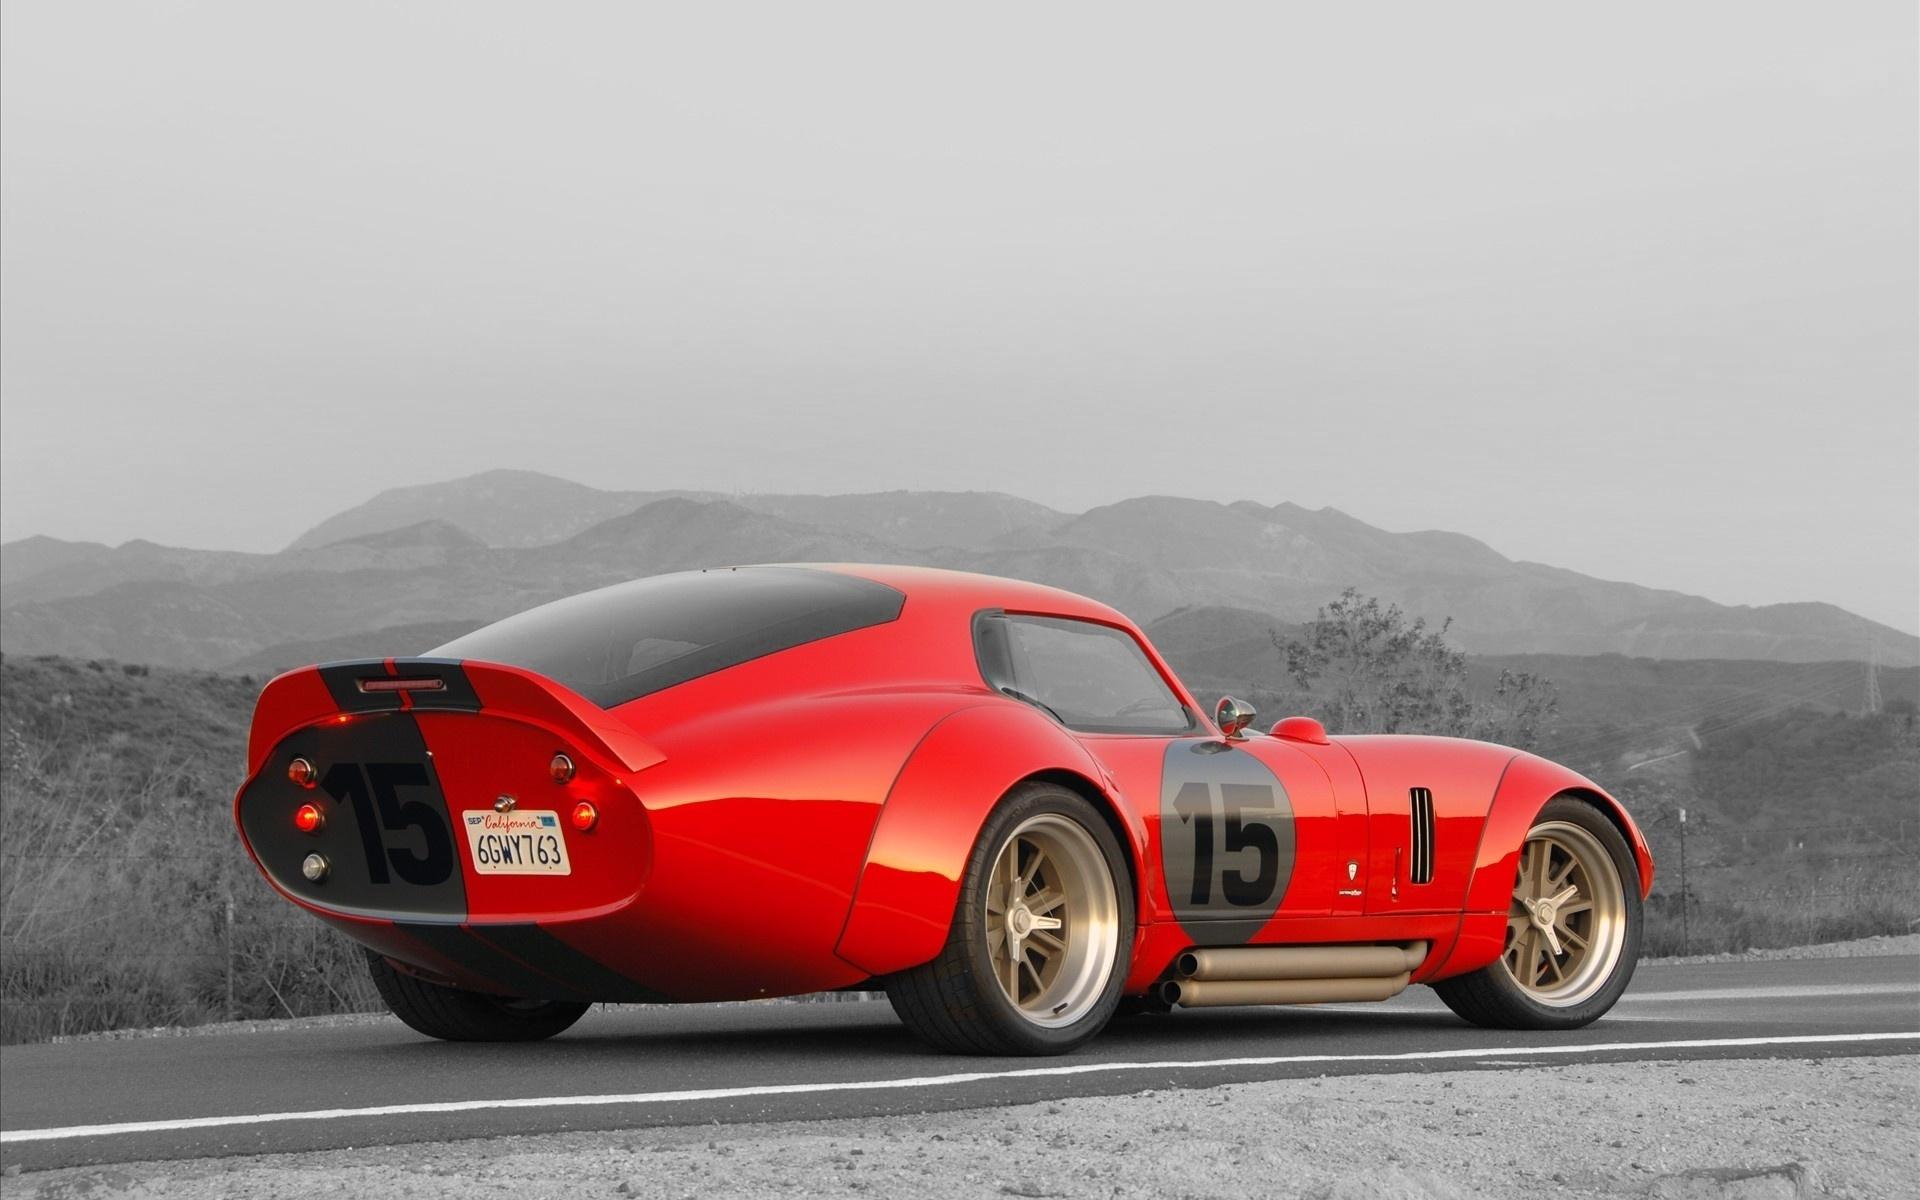 красная тачка, шелби дайтона, 15, мощная, форд